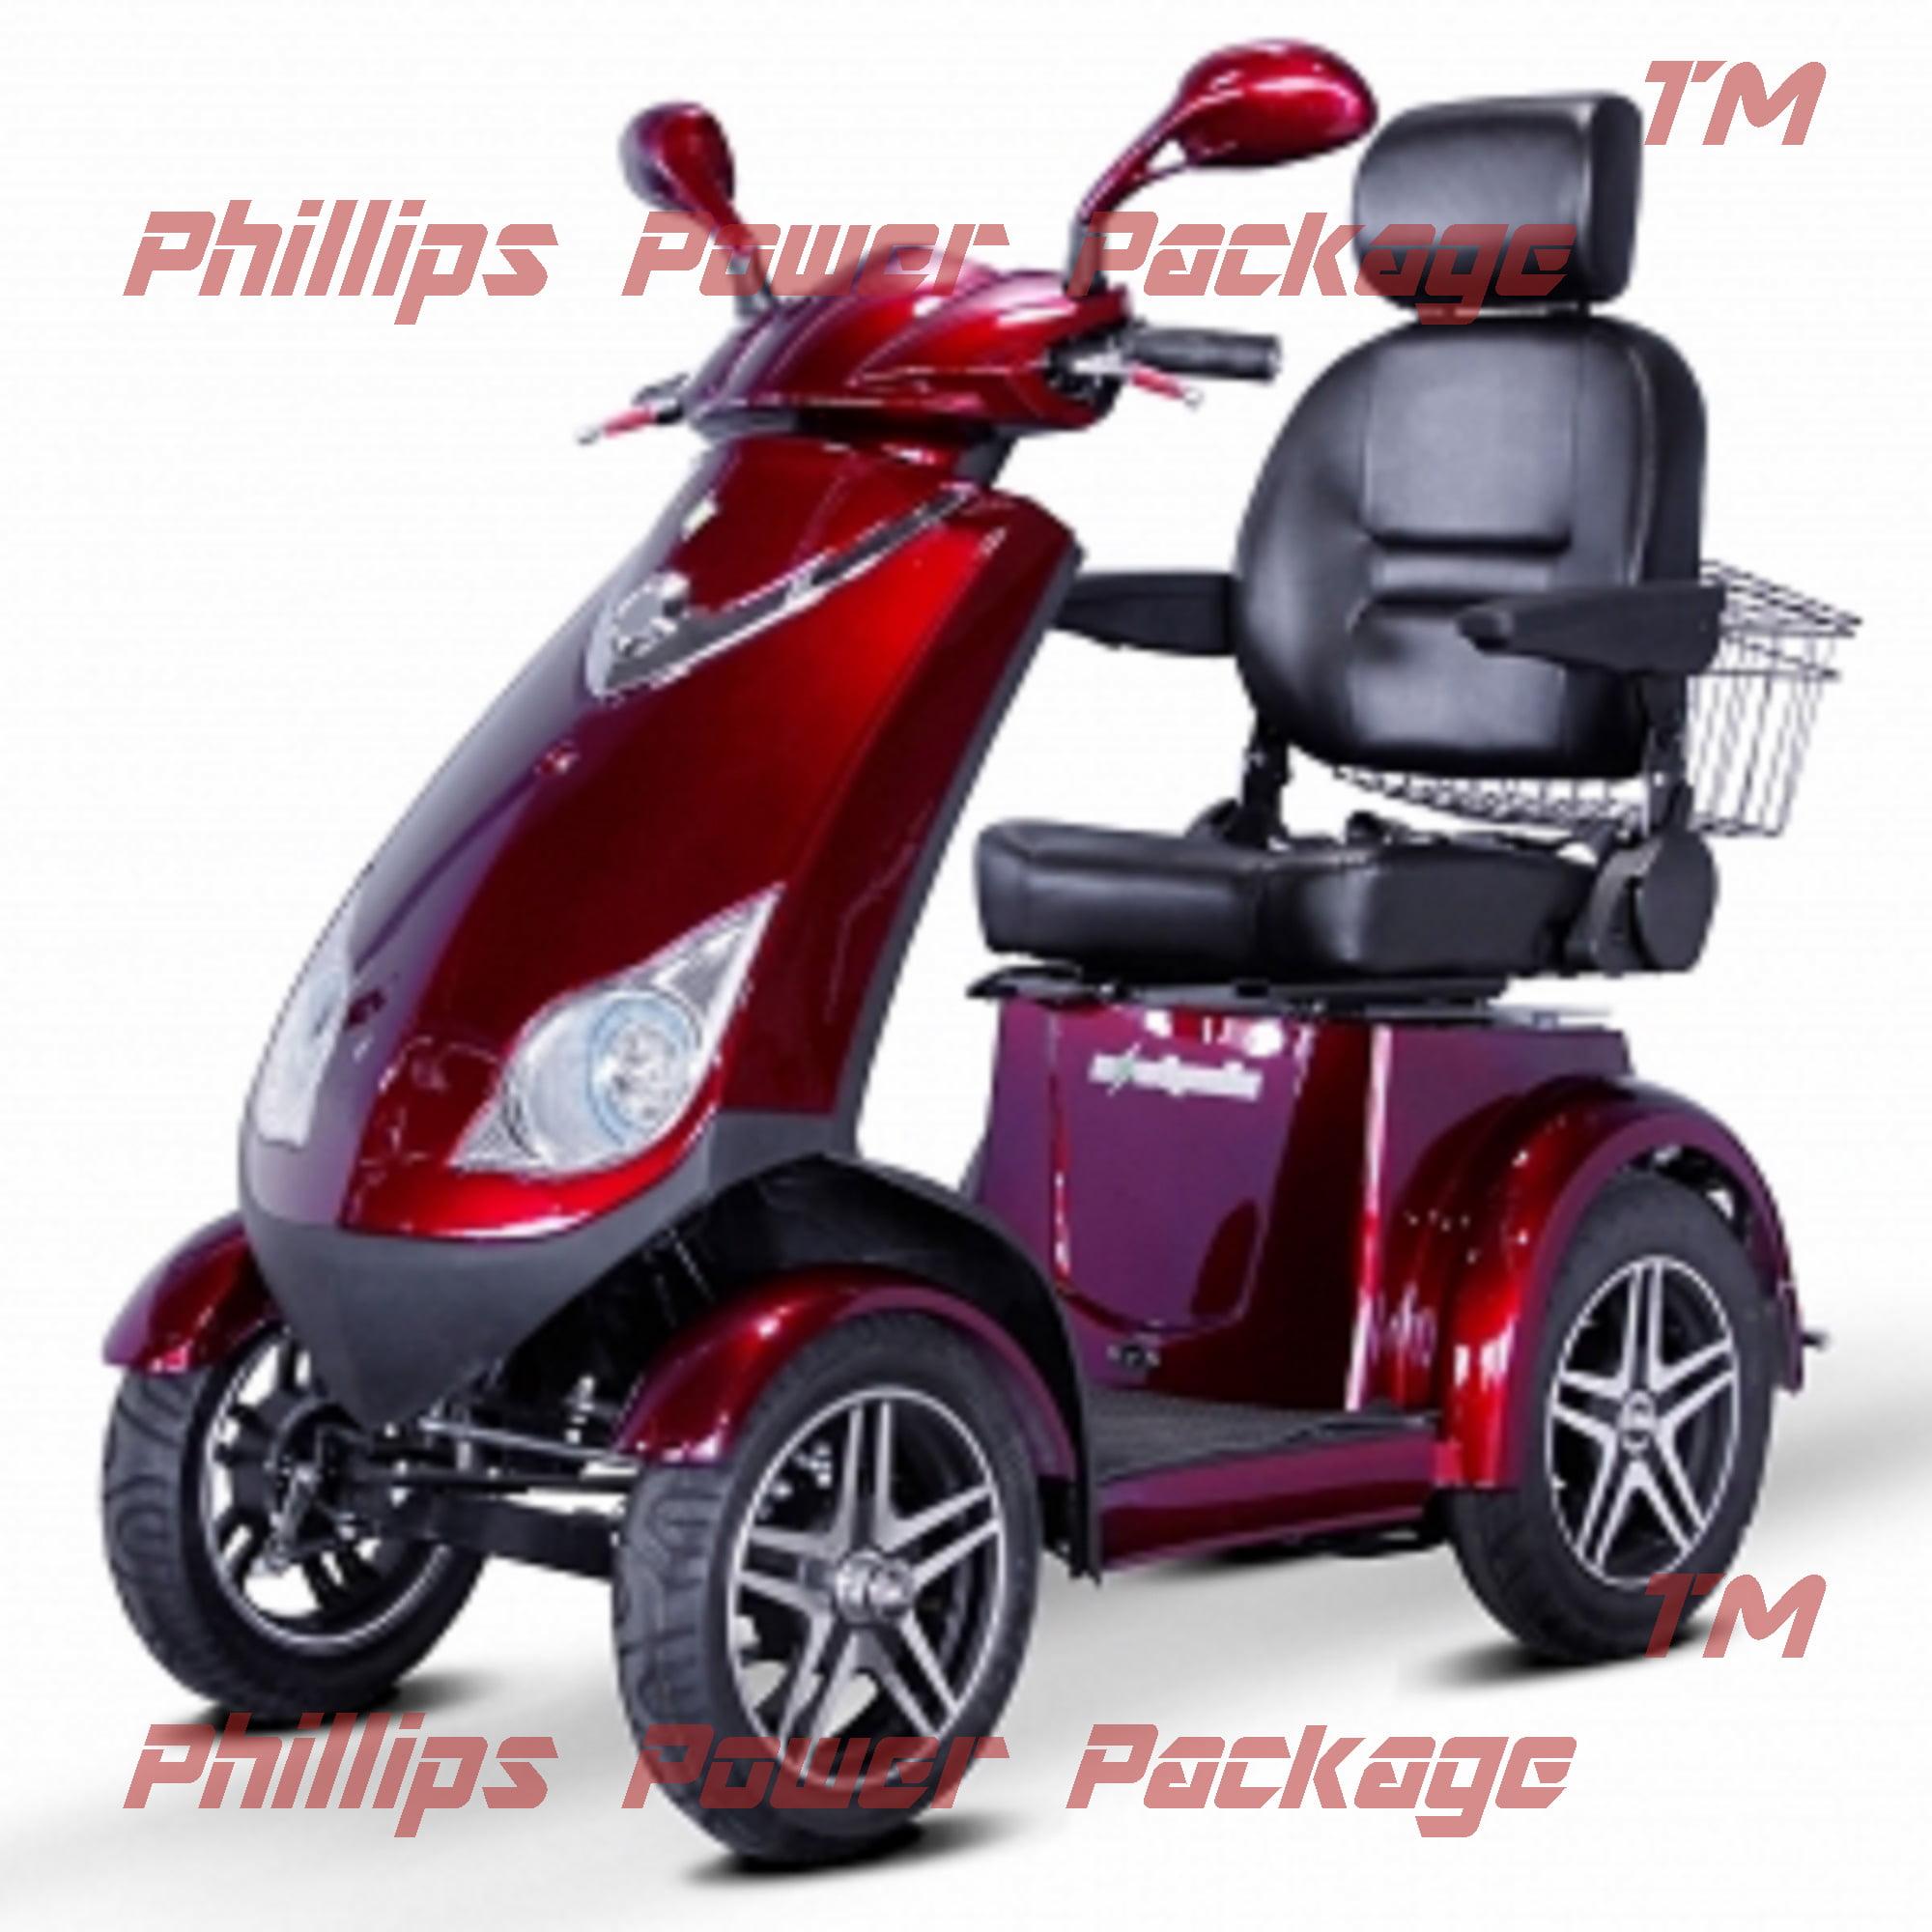 """E-Wheels EW-72 Heavy Duty Scooter 4-Wheel 18.5""""W x 17""""D Red PHILLIPS POWER... by"""